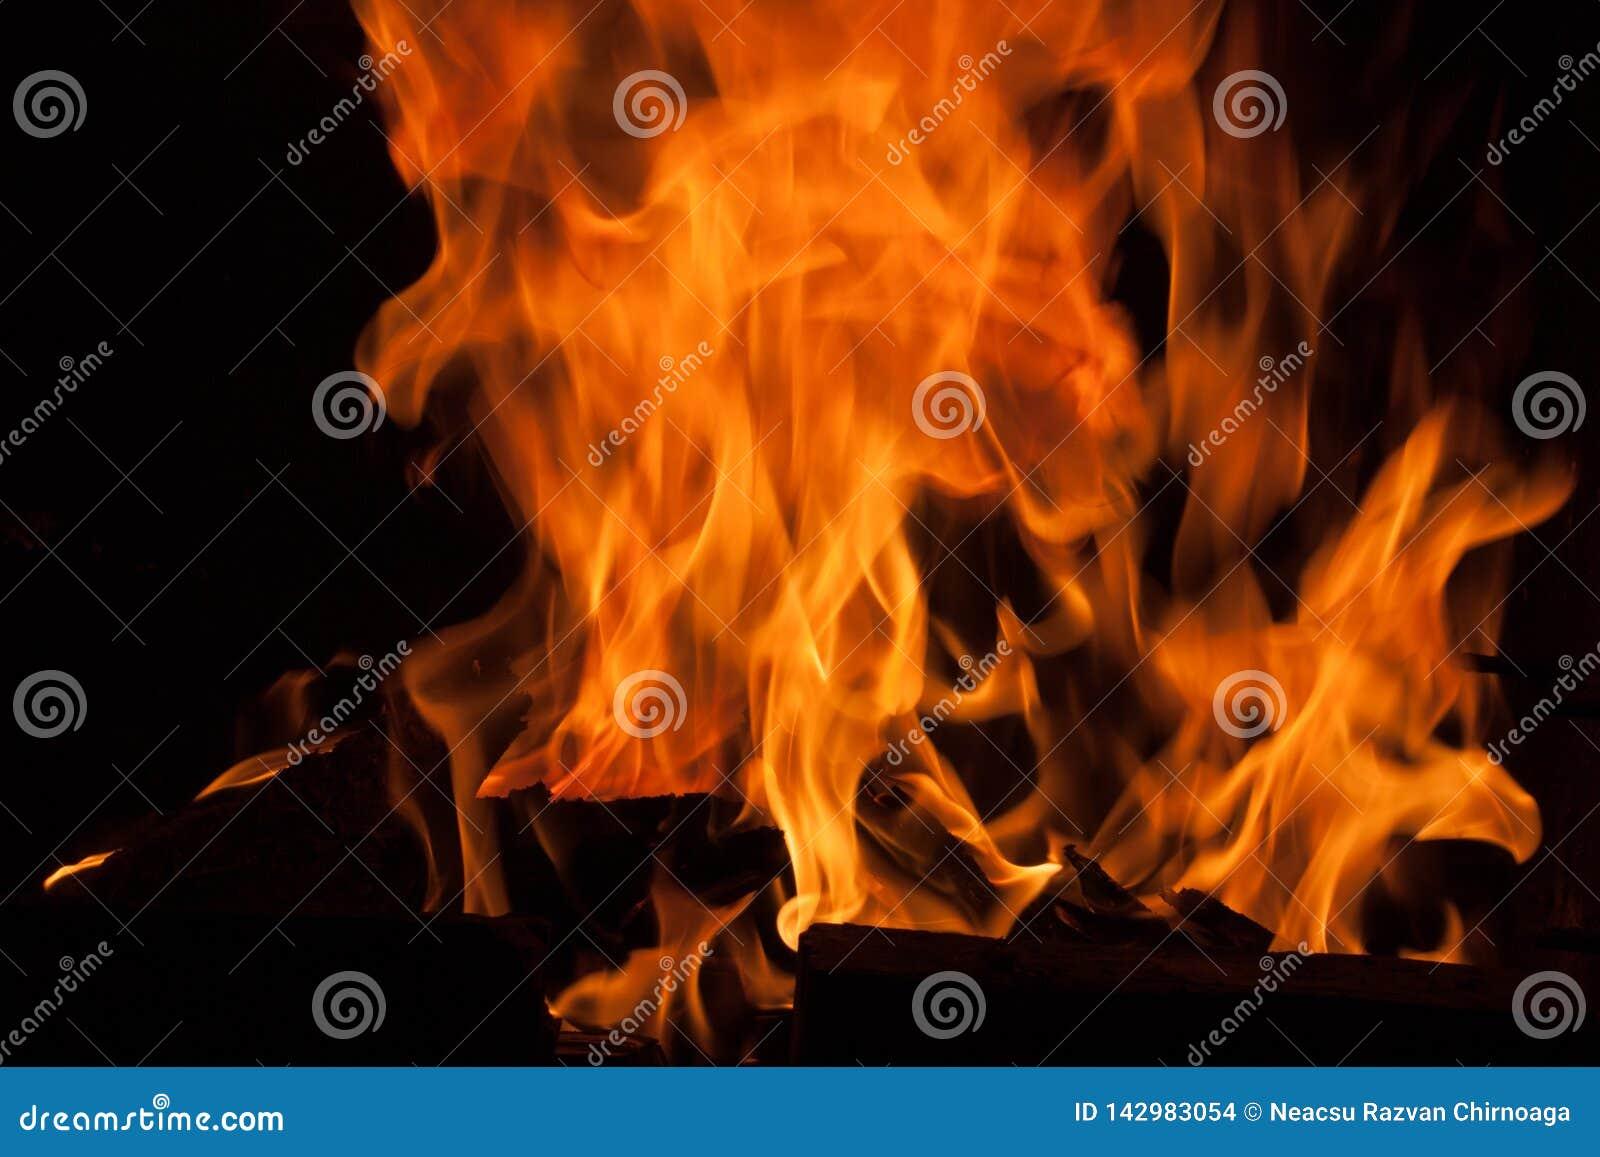 Fond Abstrait De Texture De Flamme Du Feu De Flamme Photo stock - Image du flamme, enfer: 142983054